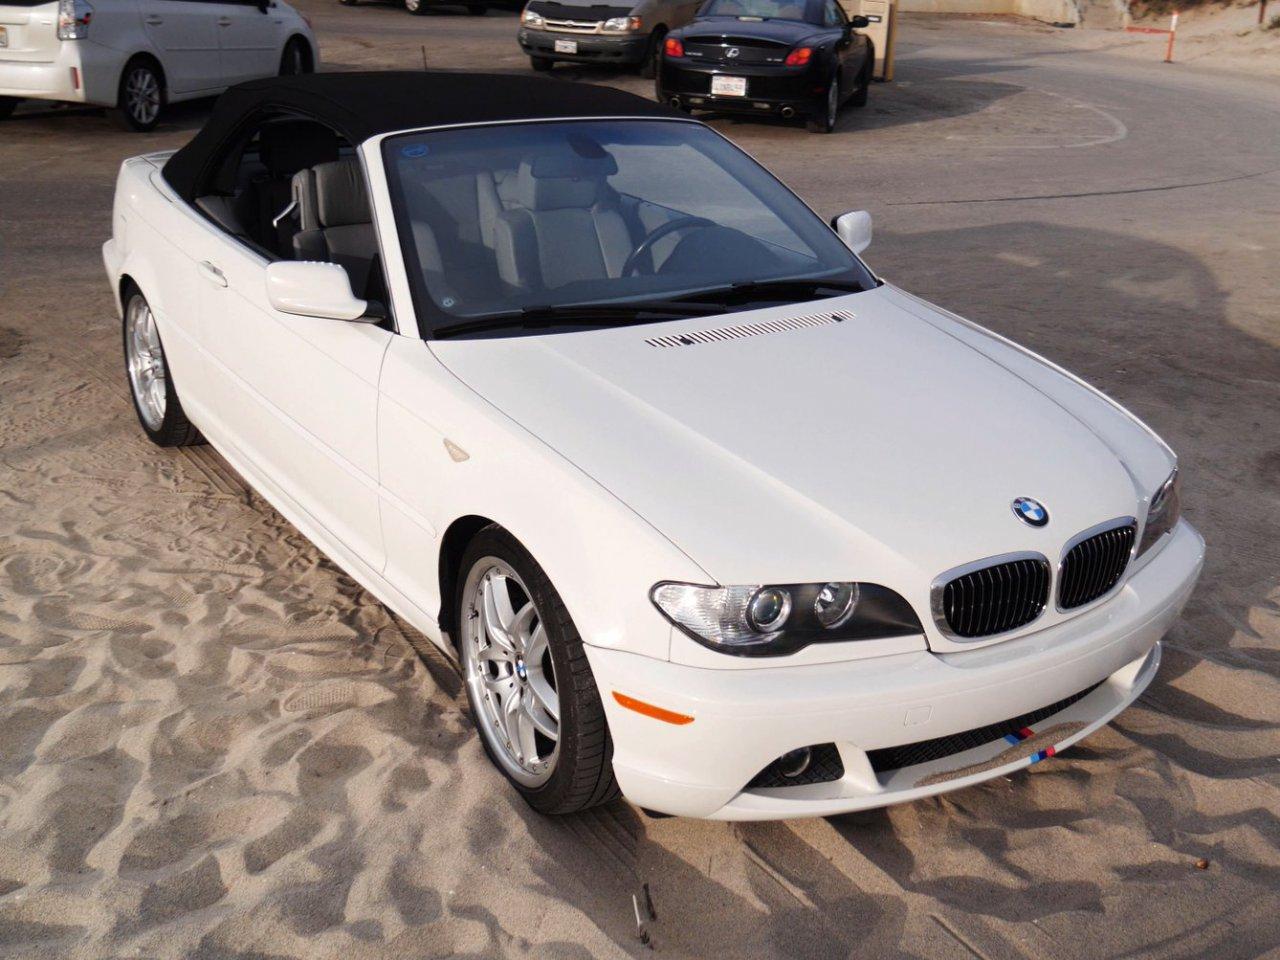 2004 BMW E46 330 Convertible